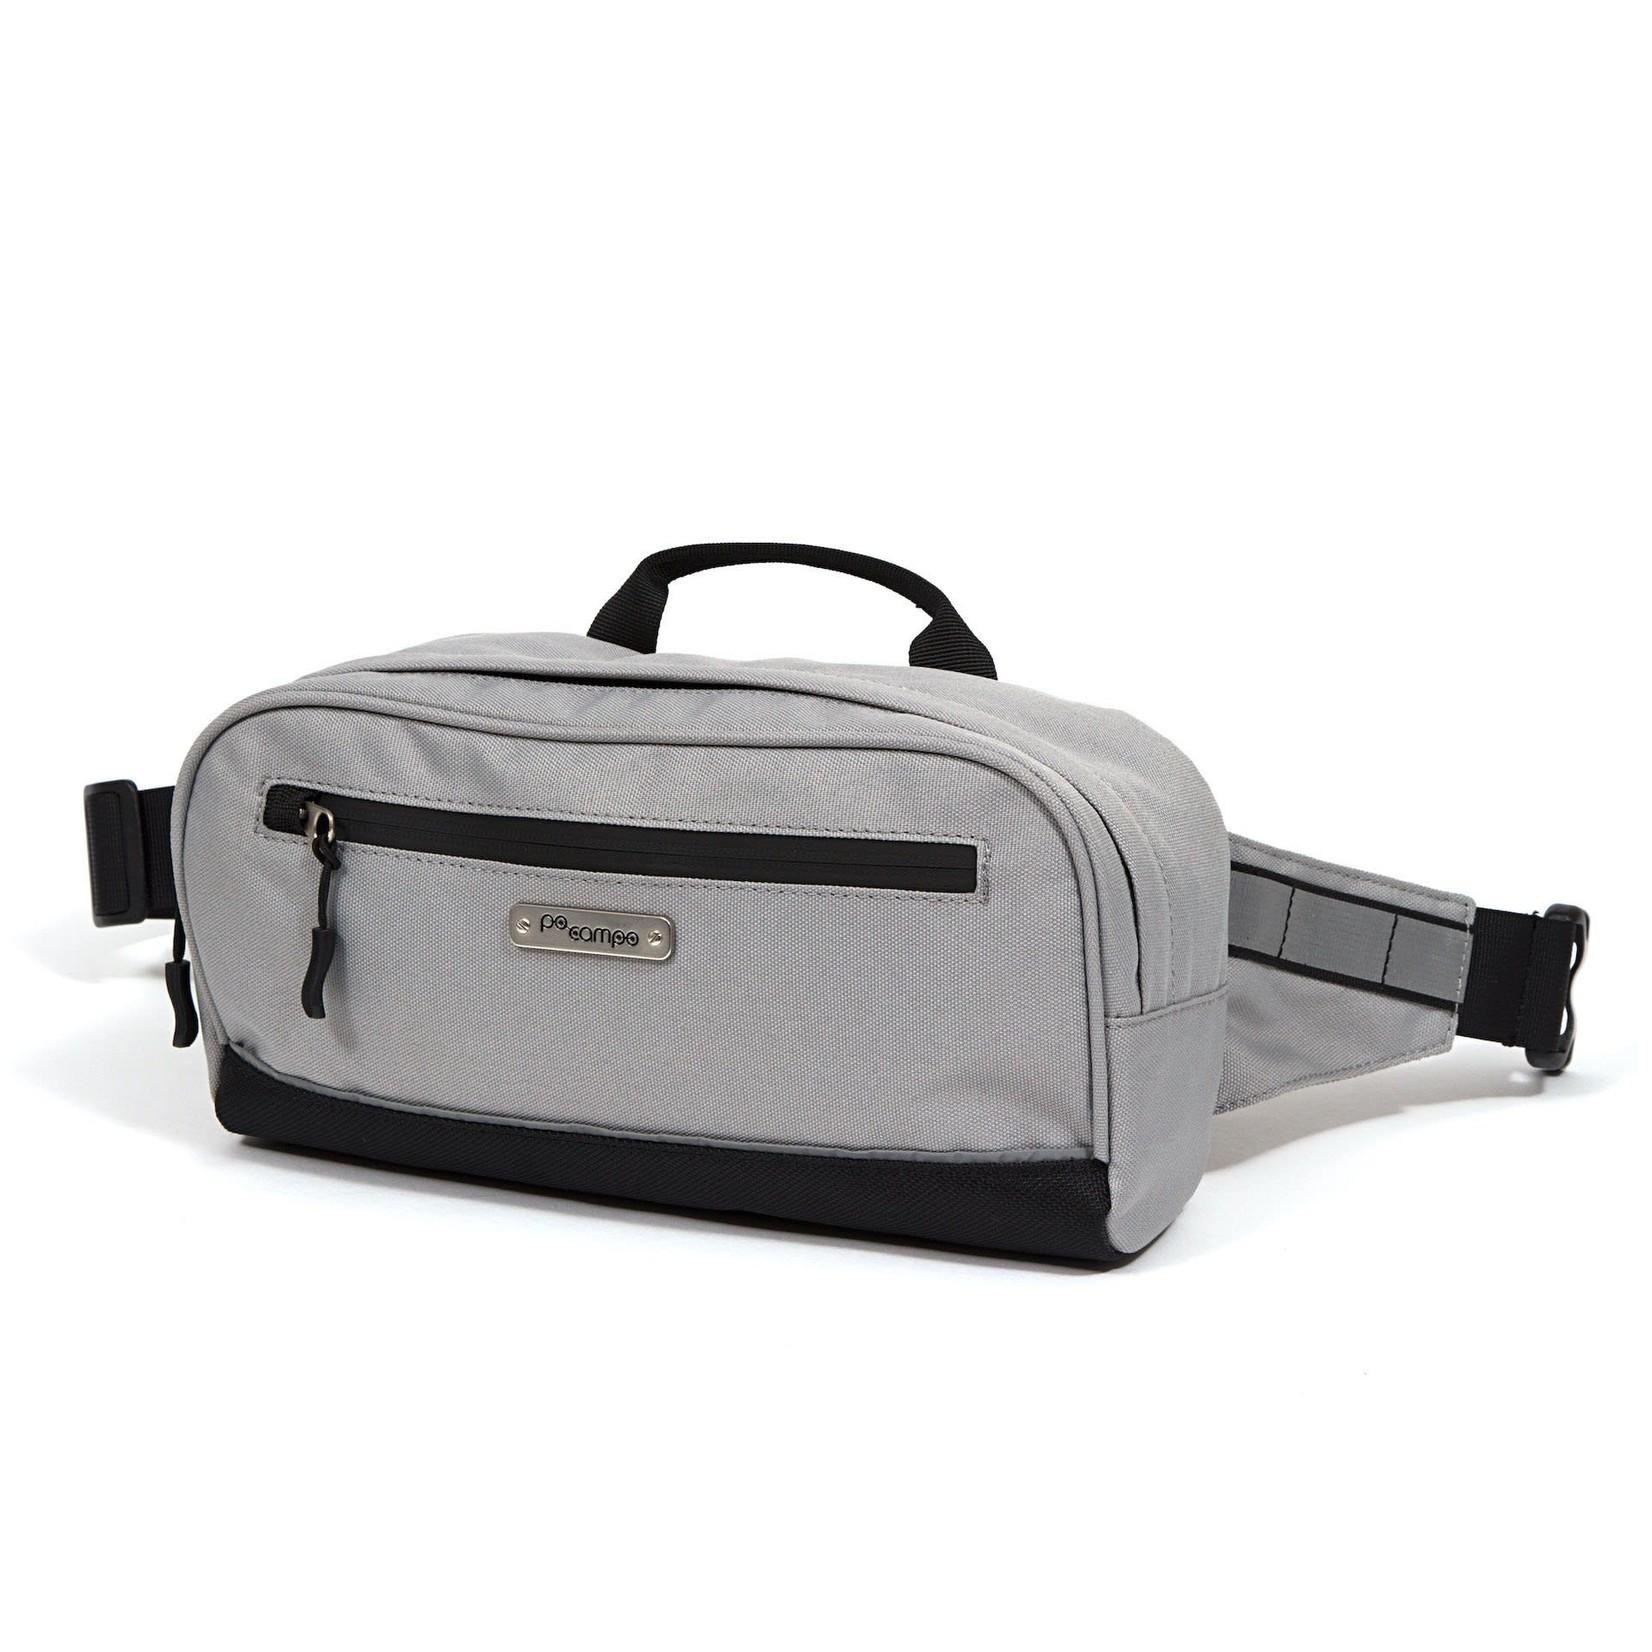 Po Campo Po Campo Kent Sling Handlebar Bag